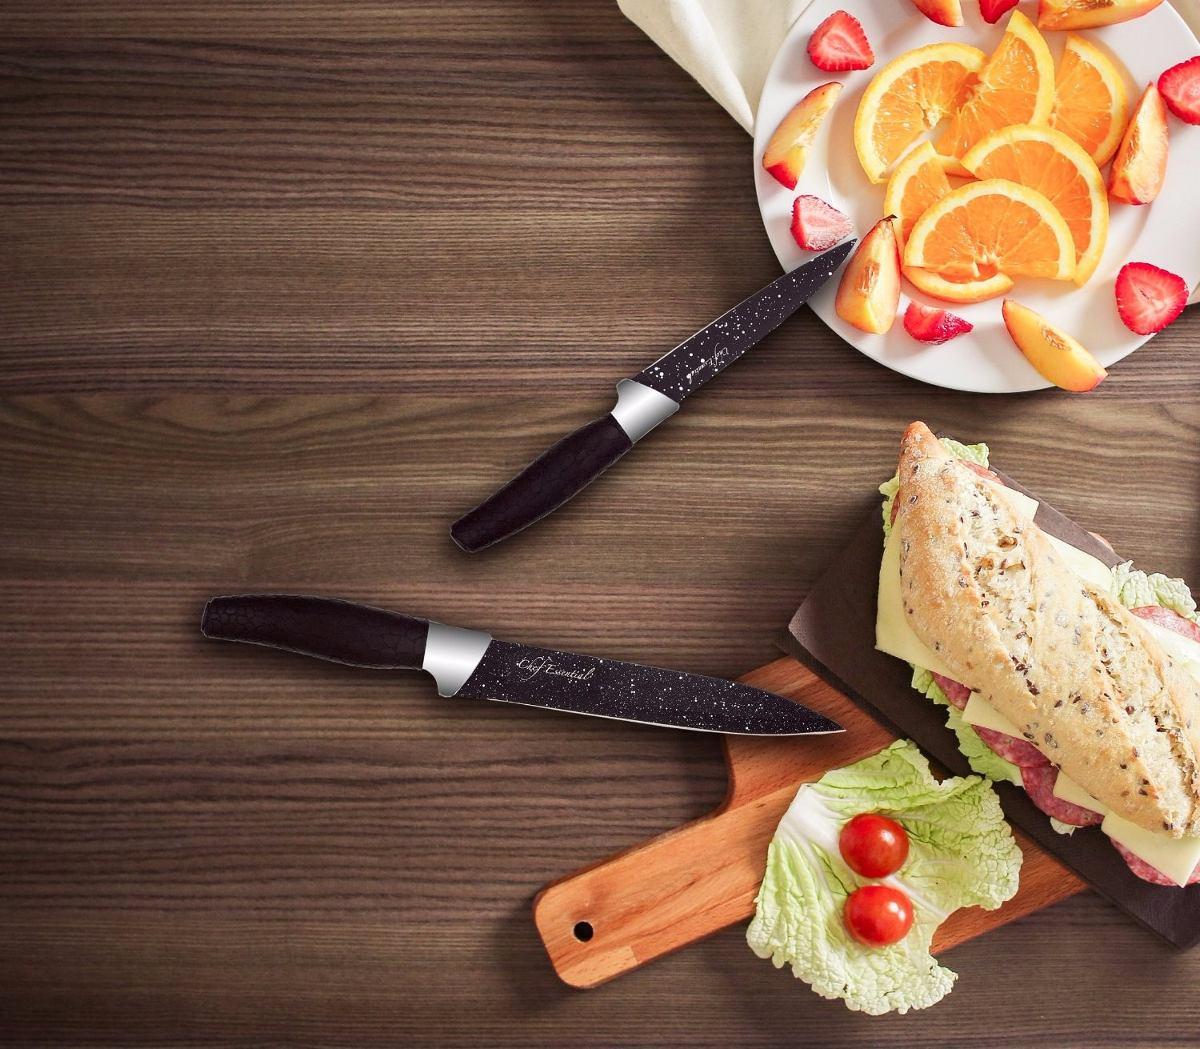 Cuchillos de cocina chef essential 6 pzas mango negro for Articulos de cocina para chef